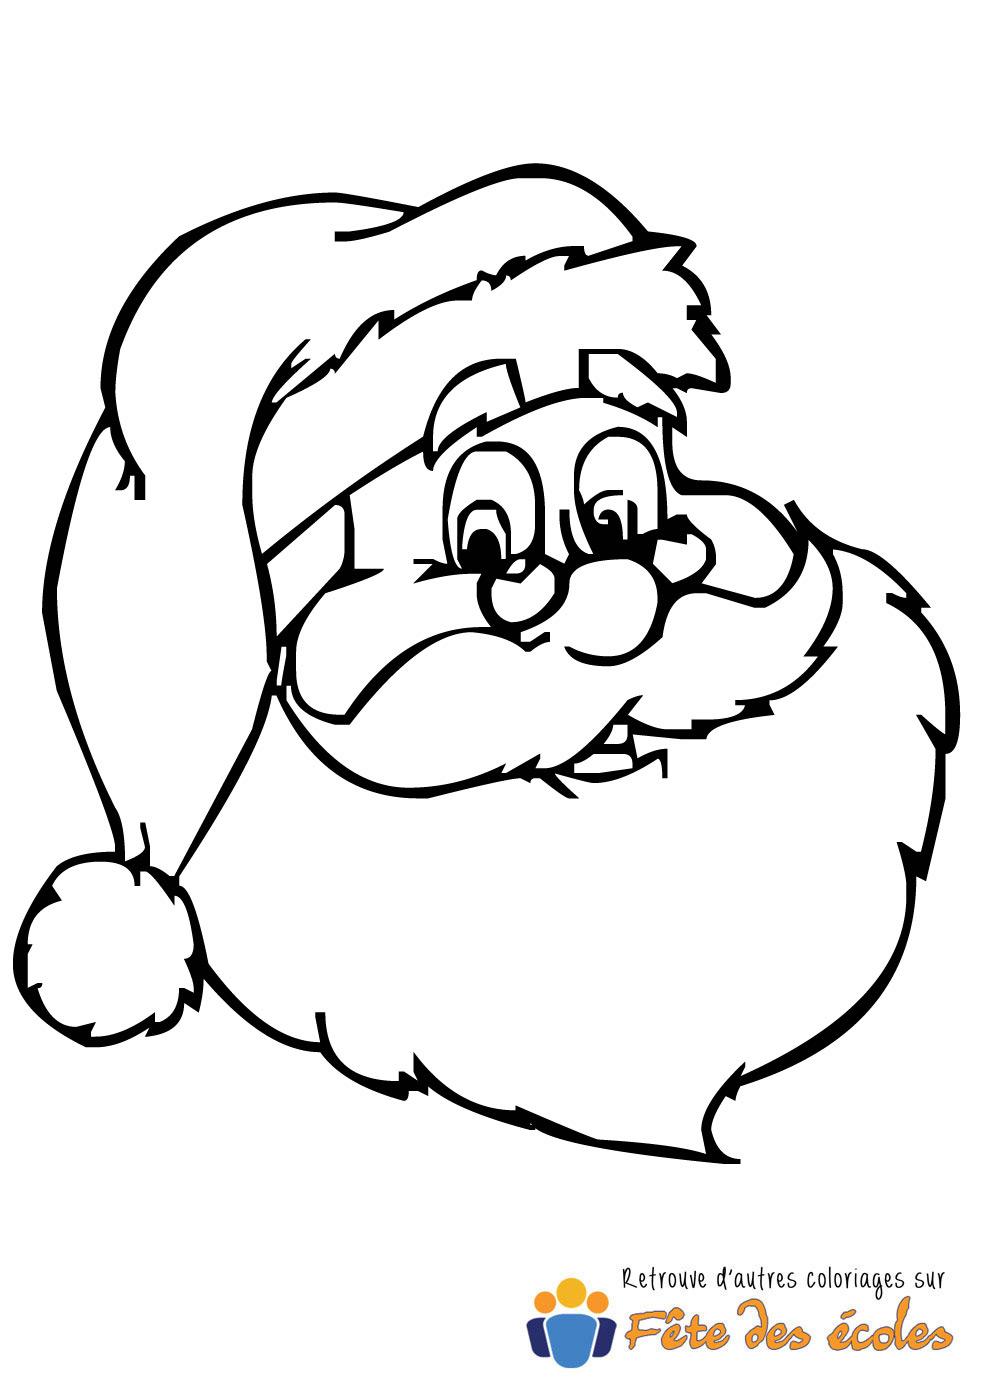 Coloriage du portrait du Père Noël